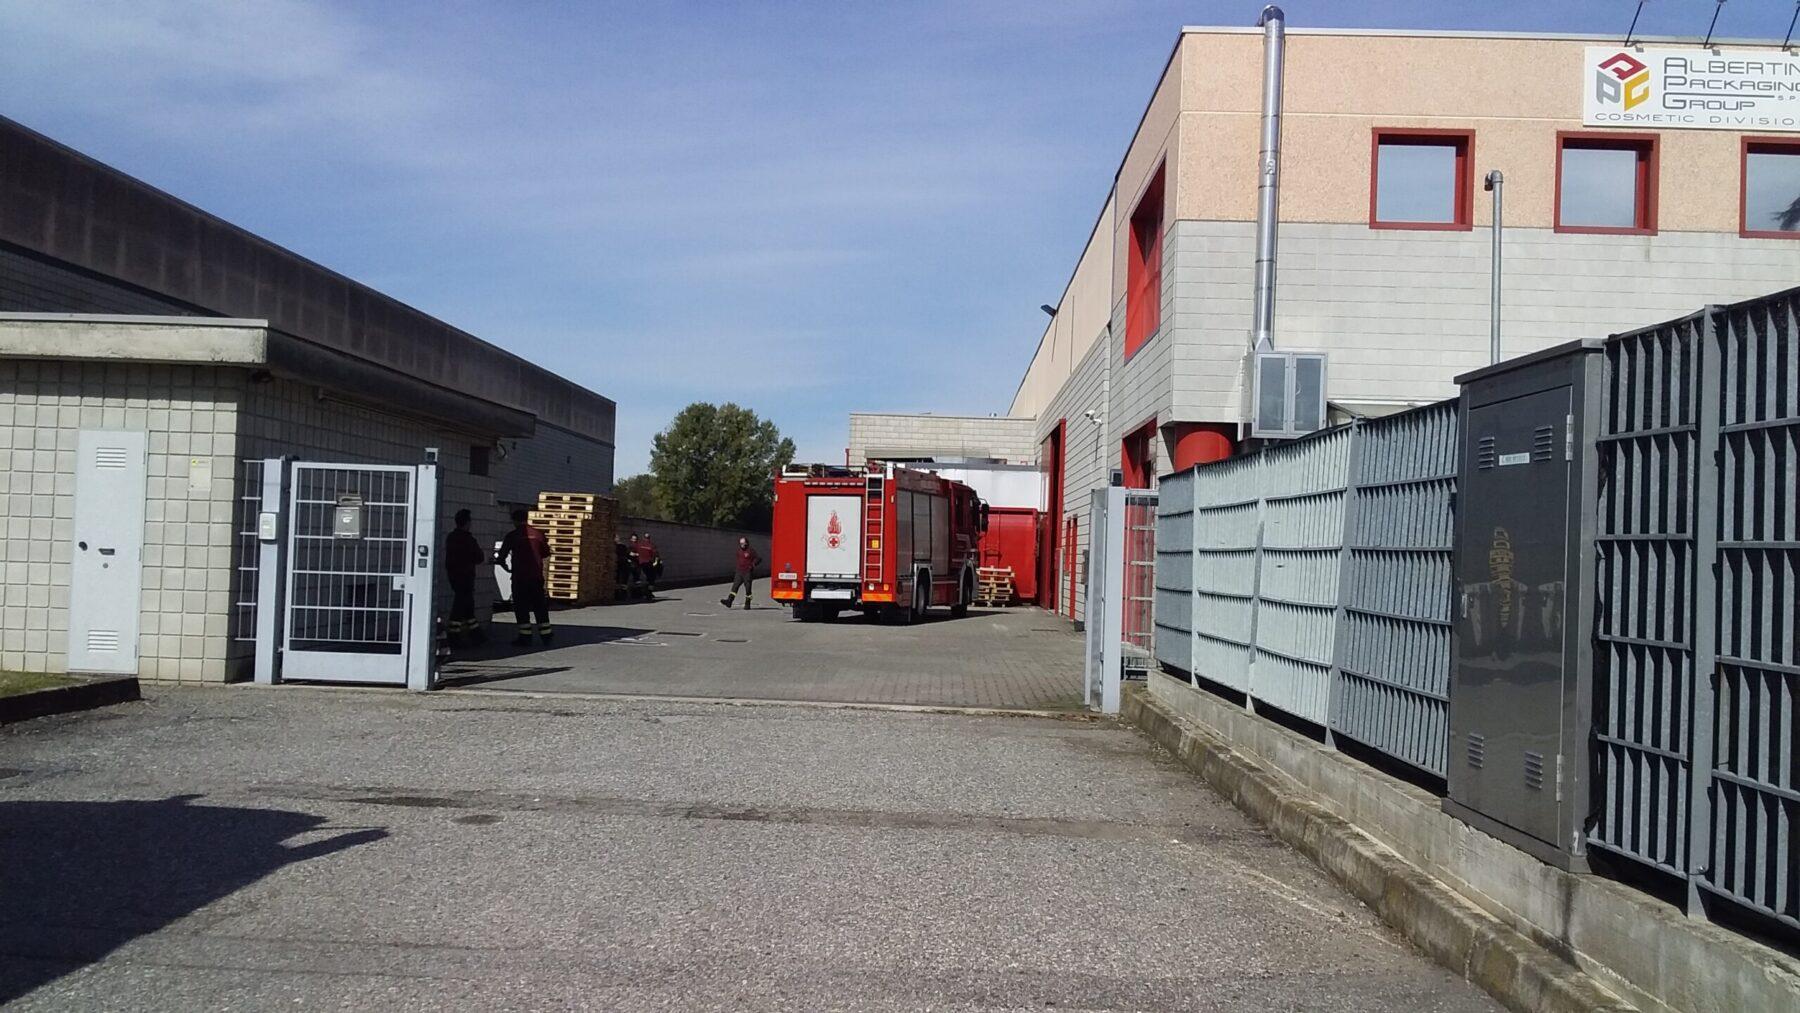 Robecco sul Naviglio - Infortunio lavorativo all'azienda di via Passavone. Robecco 07/10/2020